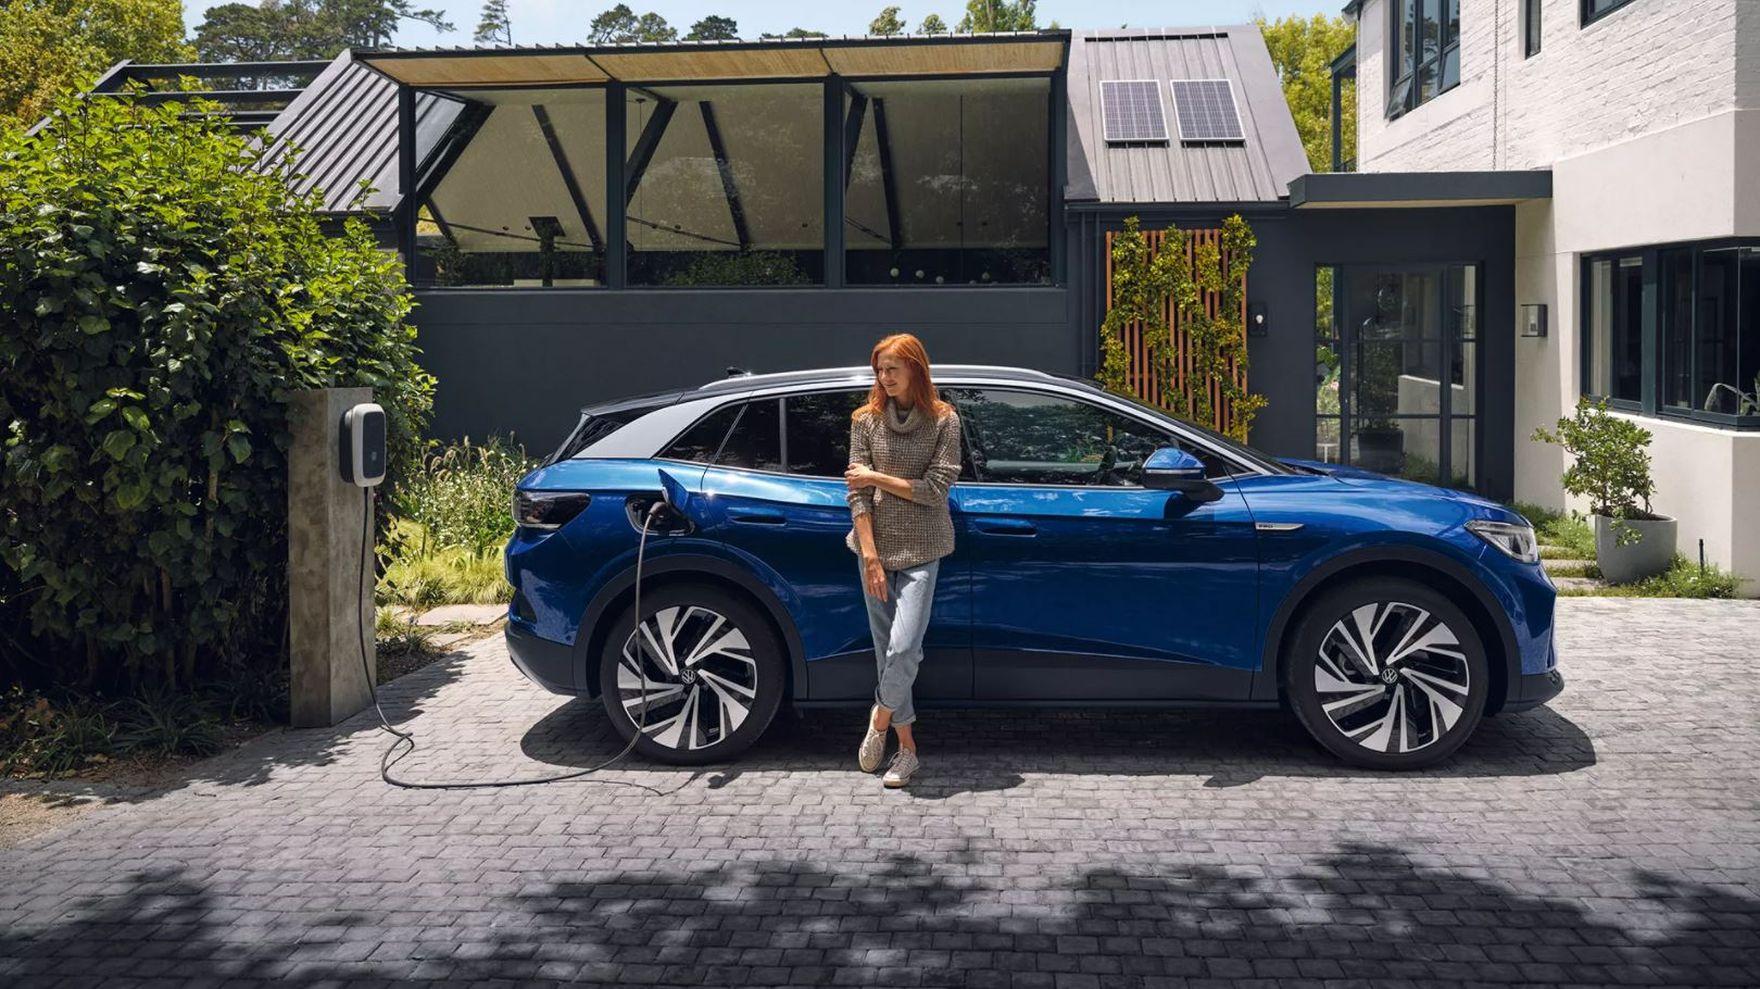 Nowa definicja auta elektrycznego z zasięgiem na poziomie nawet 523 kilometrów